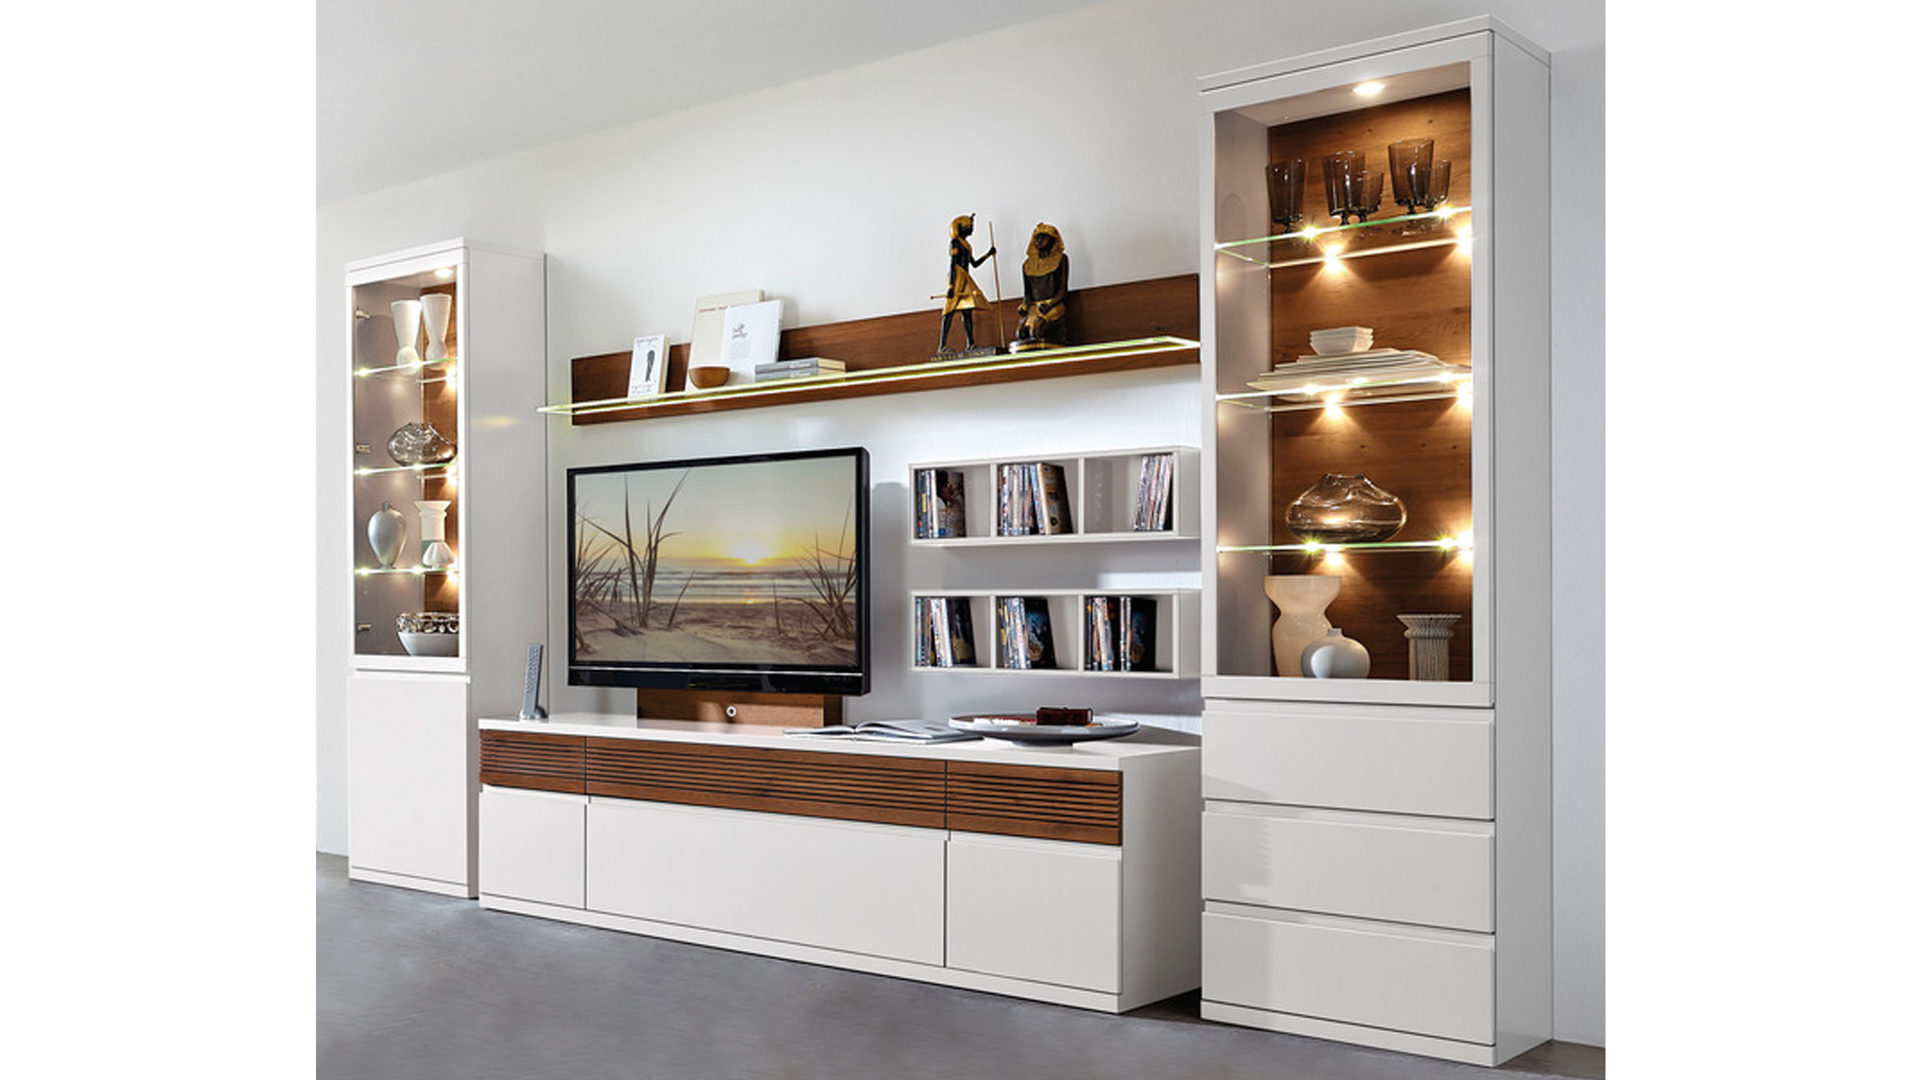 Mobel Bernskotter Mulheim Interliving Wohnzimmer Sideboards